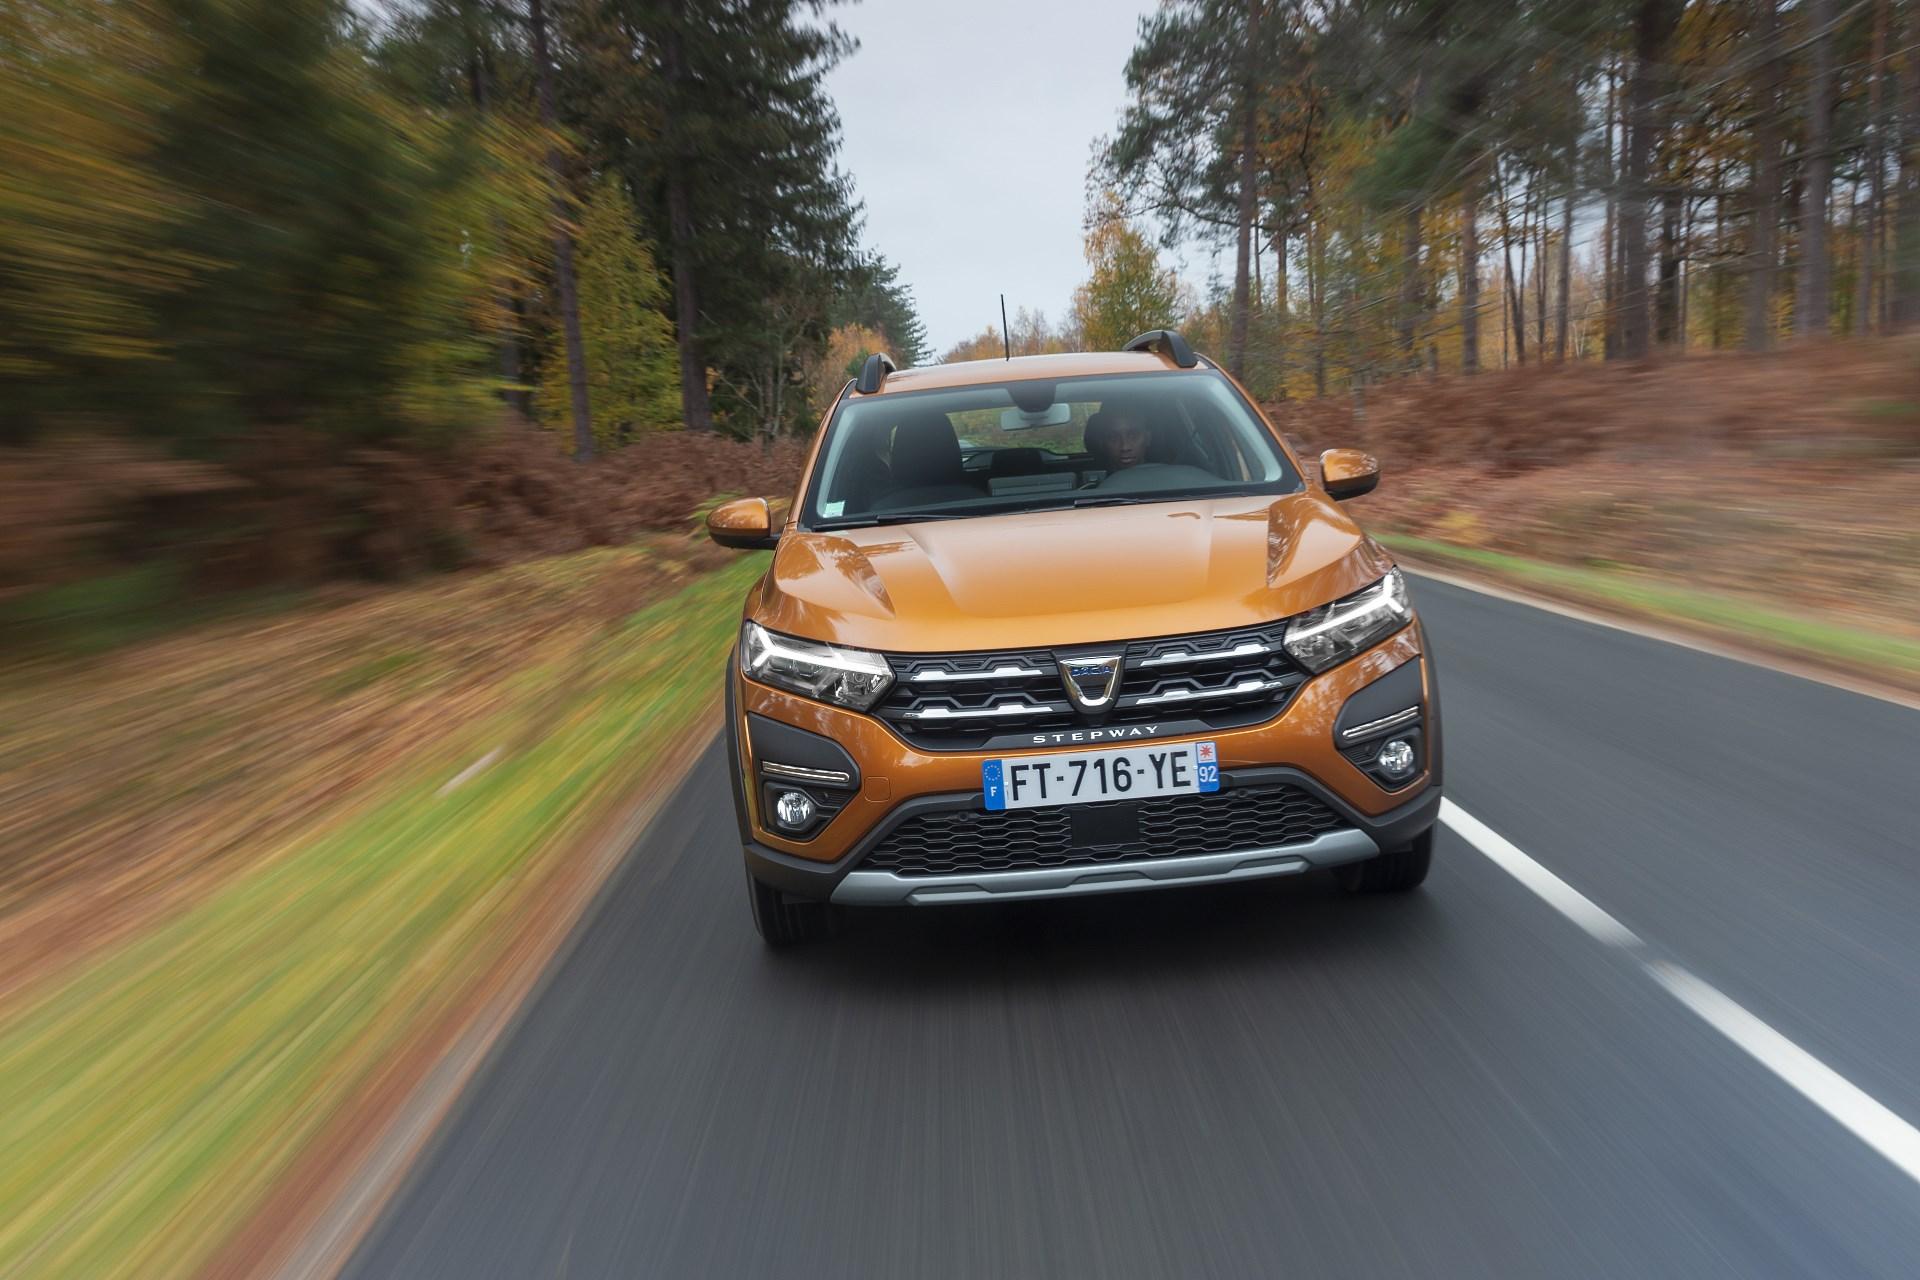 sprzedaż nowych aut we francji